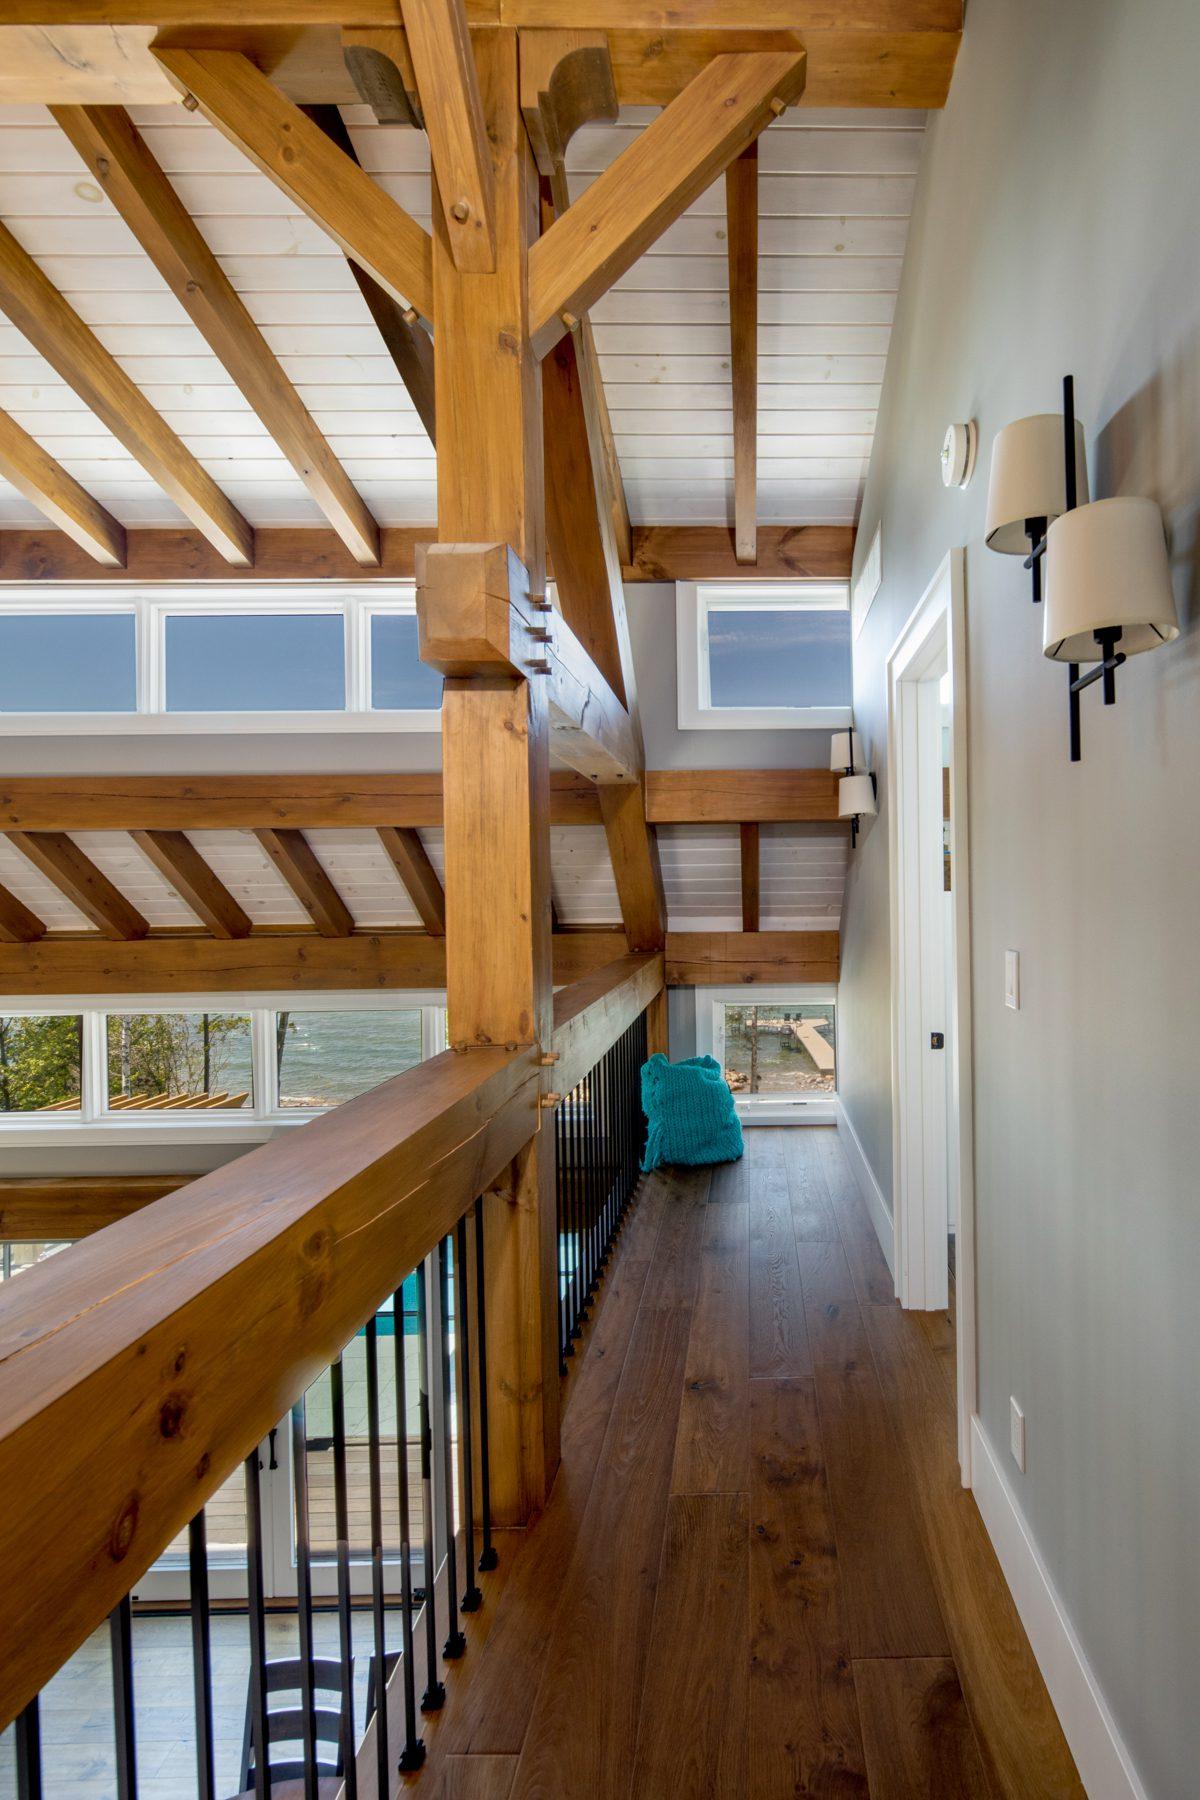 Normerica-Timber-Homes-Timber-Frame-Portfolio-Beachside-Bliss-Interior-Loft-Hallway